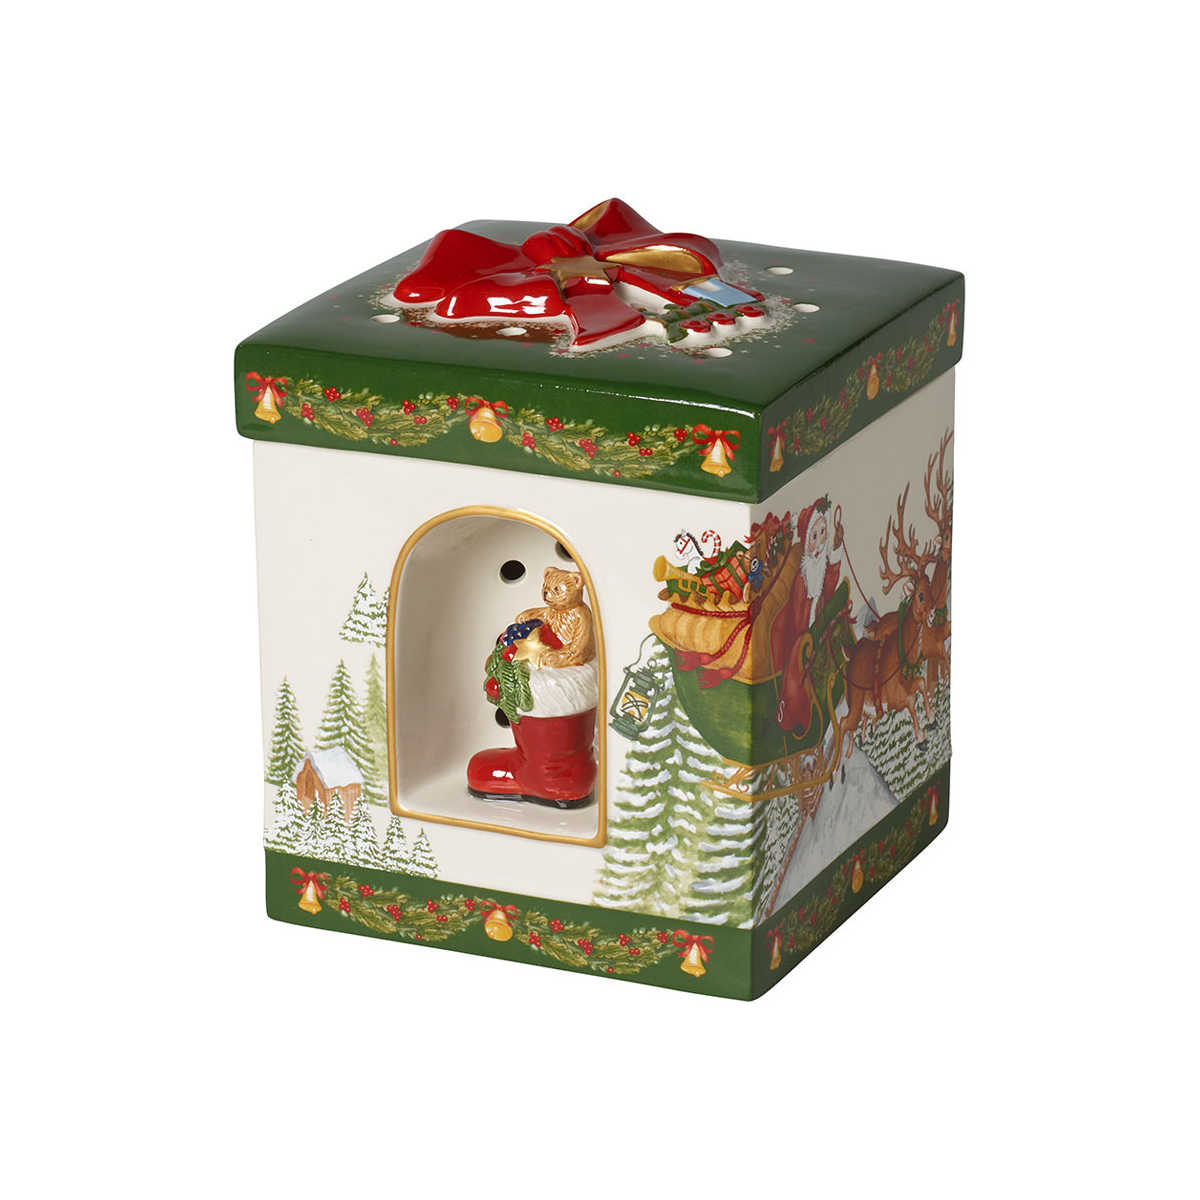 Villeroy & Boch Christmas Toys Geschenkpaket groß eckig Santa Claus - mit Spieluhr 'Santa Claus is coming to town' 16x16x20 cm | Kinderzimmer > Spielzeuge > Spieluhren | Villeroy & Boch